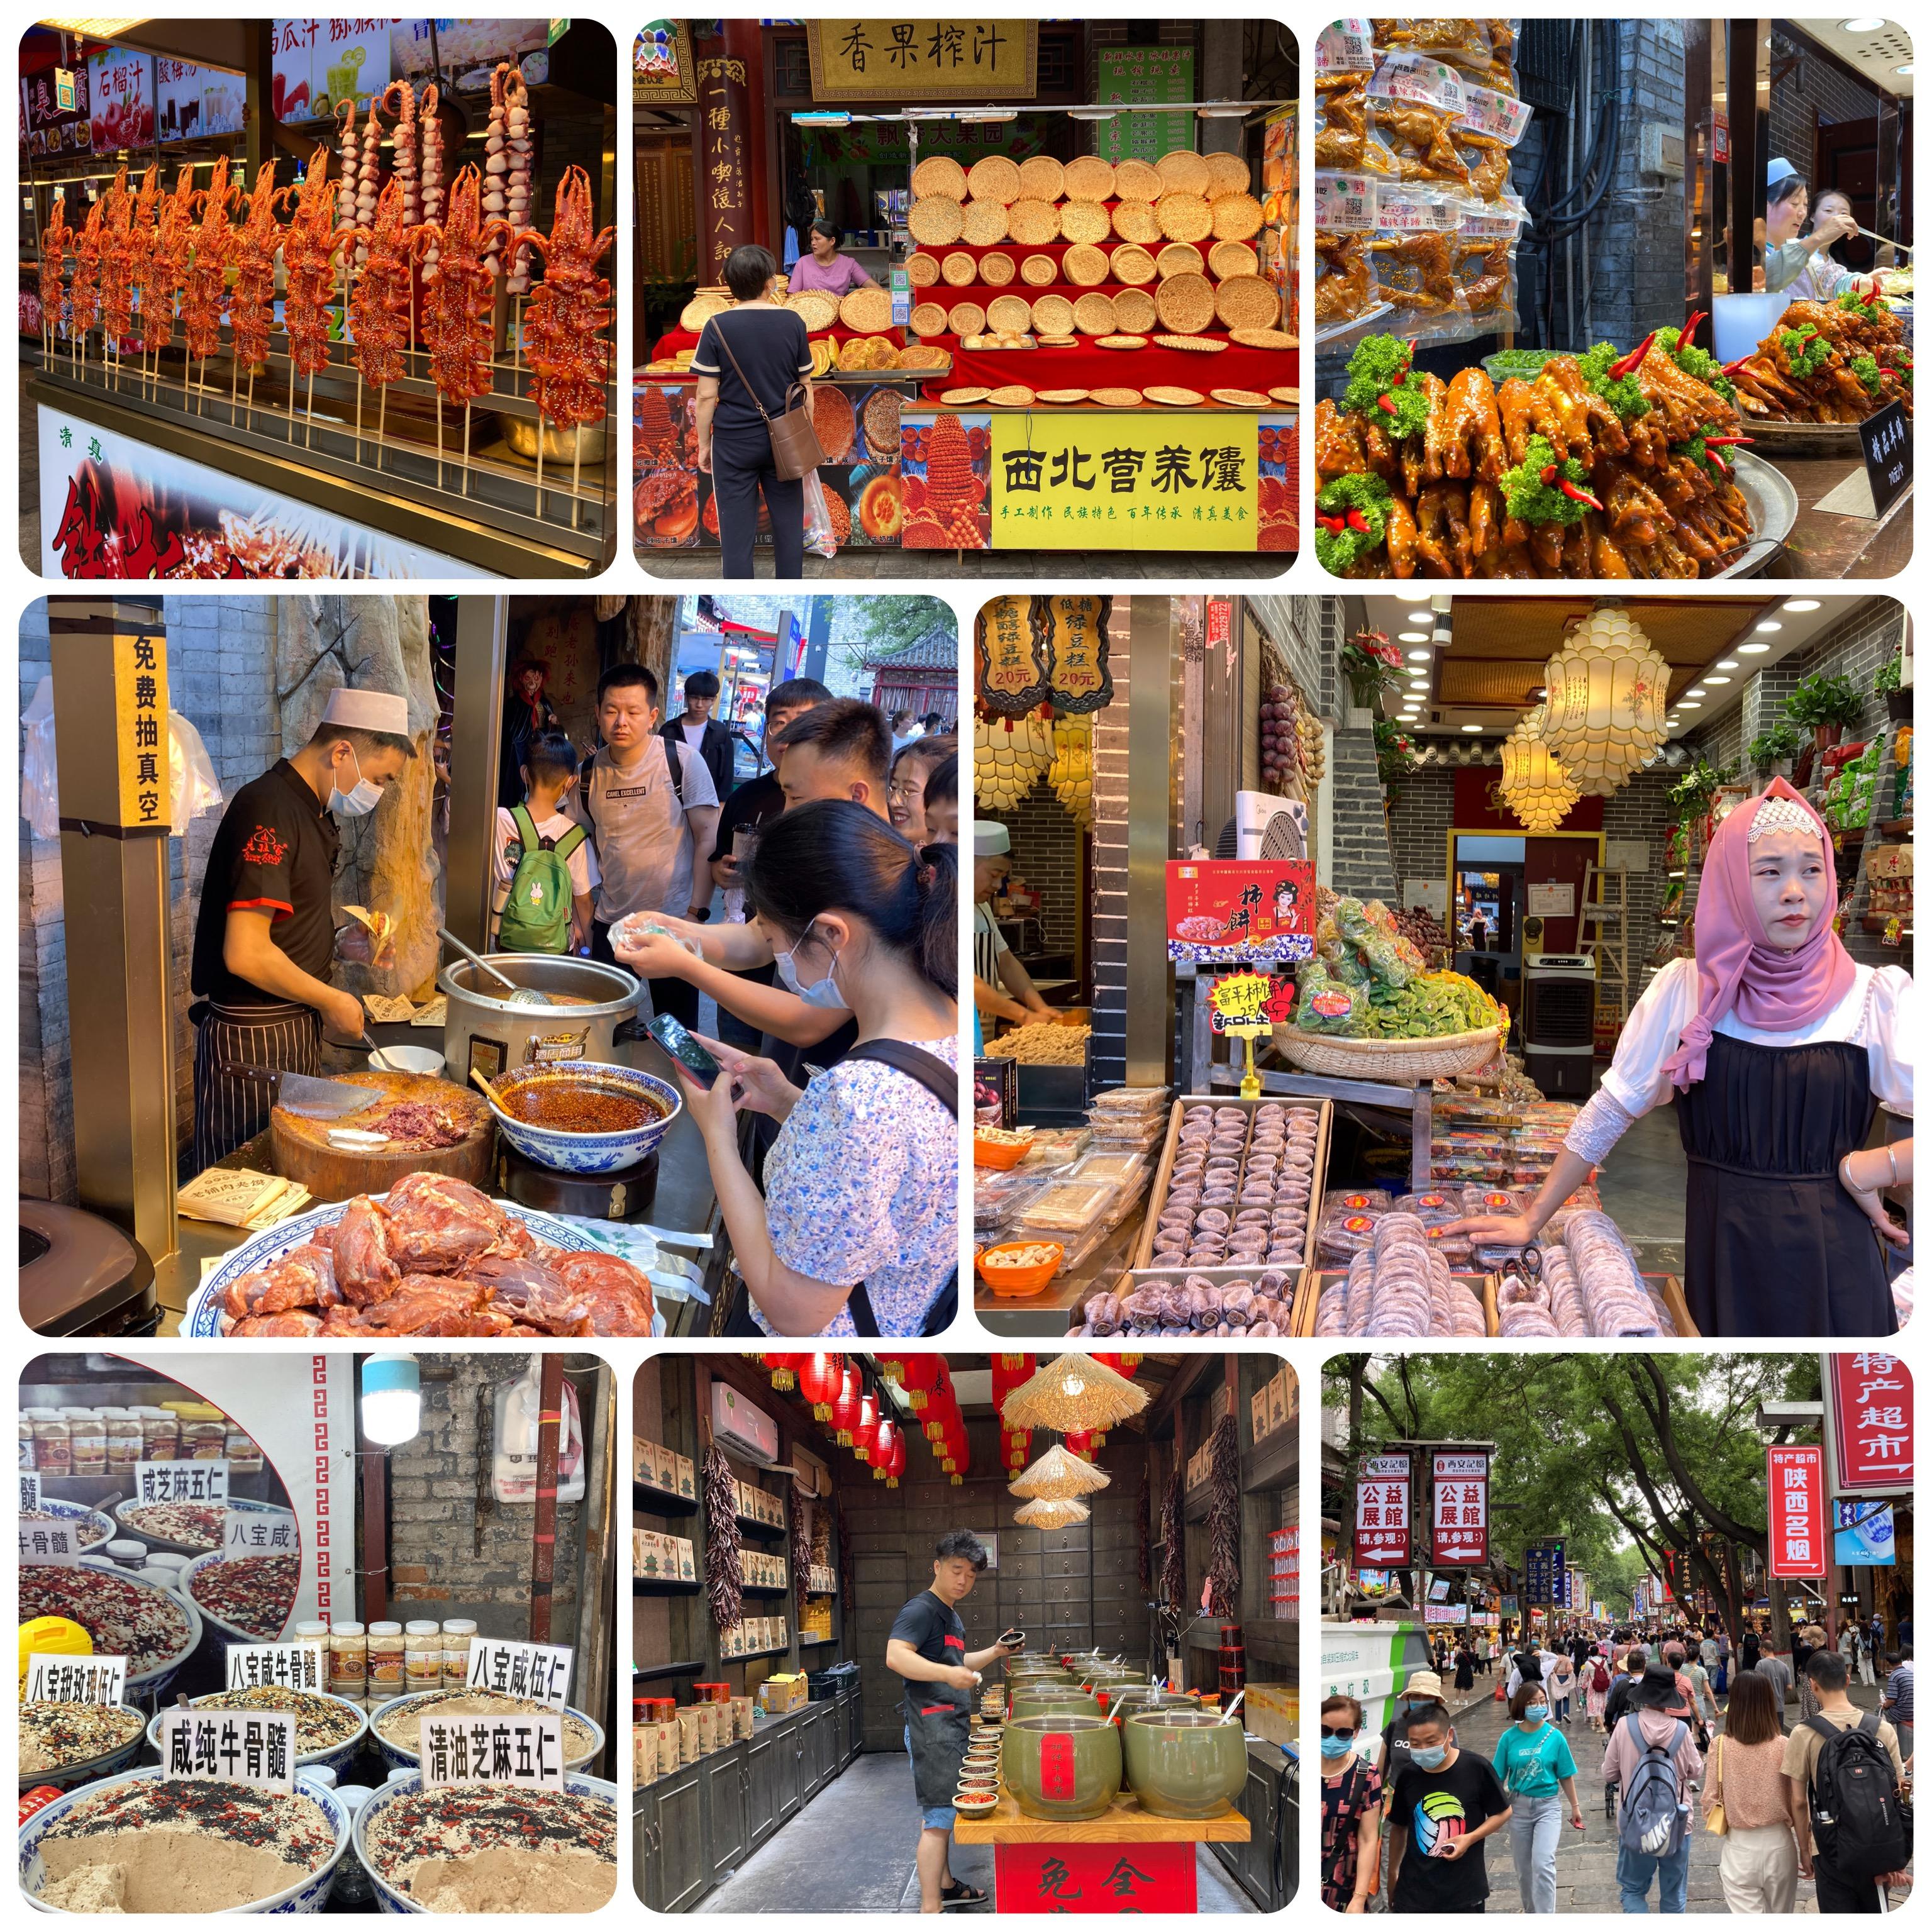 Historiadores afirmam que a Feirinha Gastronômica do bairro muçulmano, a mais famosa de Xi'an, marca o início da Rota da Seda, onde os comerciantes se encontravam e de onde partiam para o Ocidente